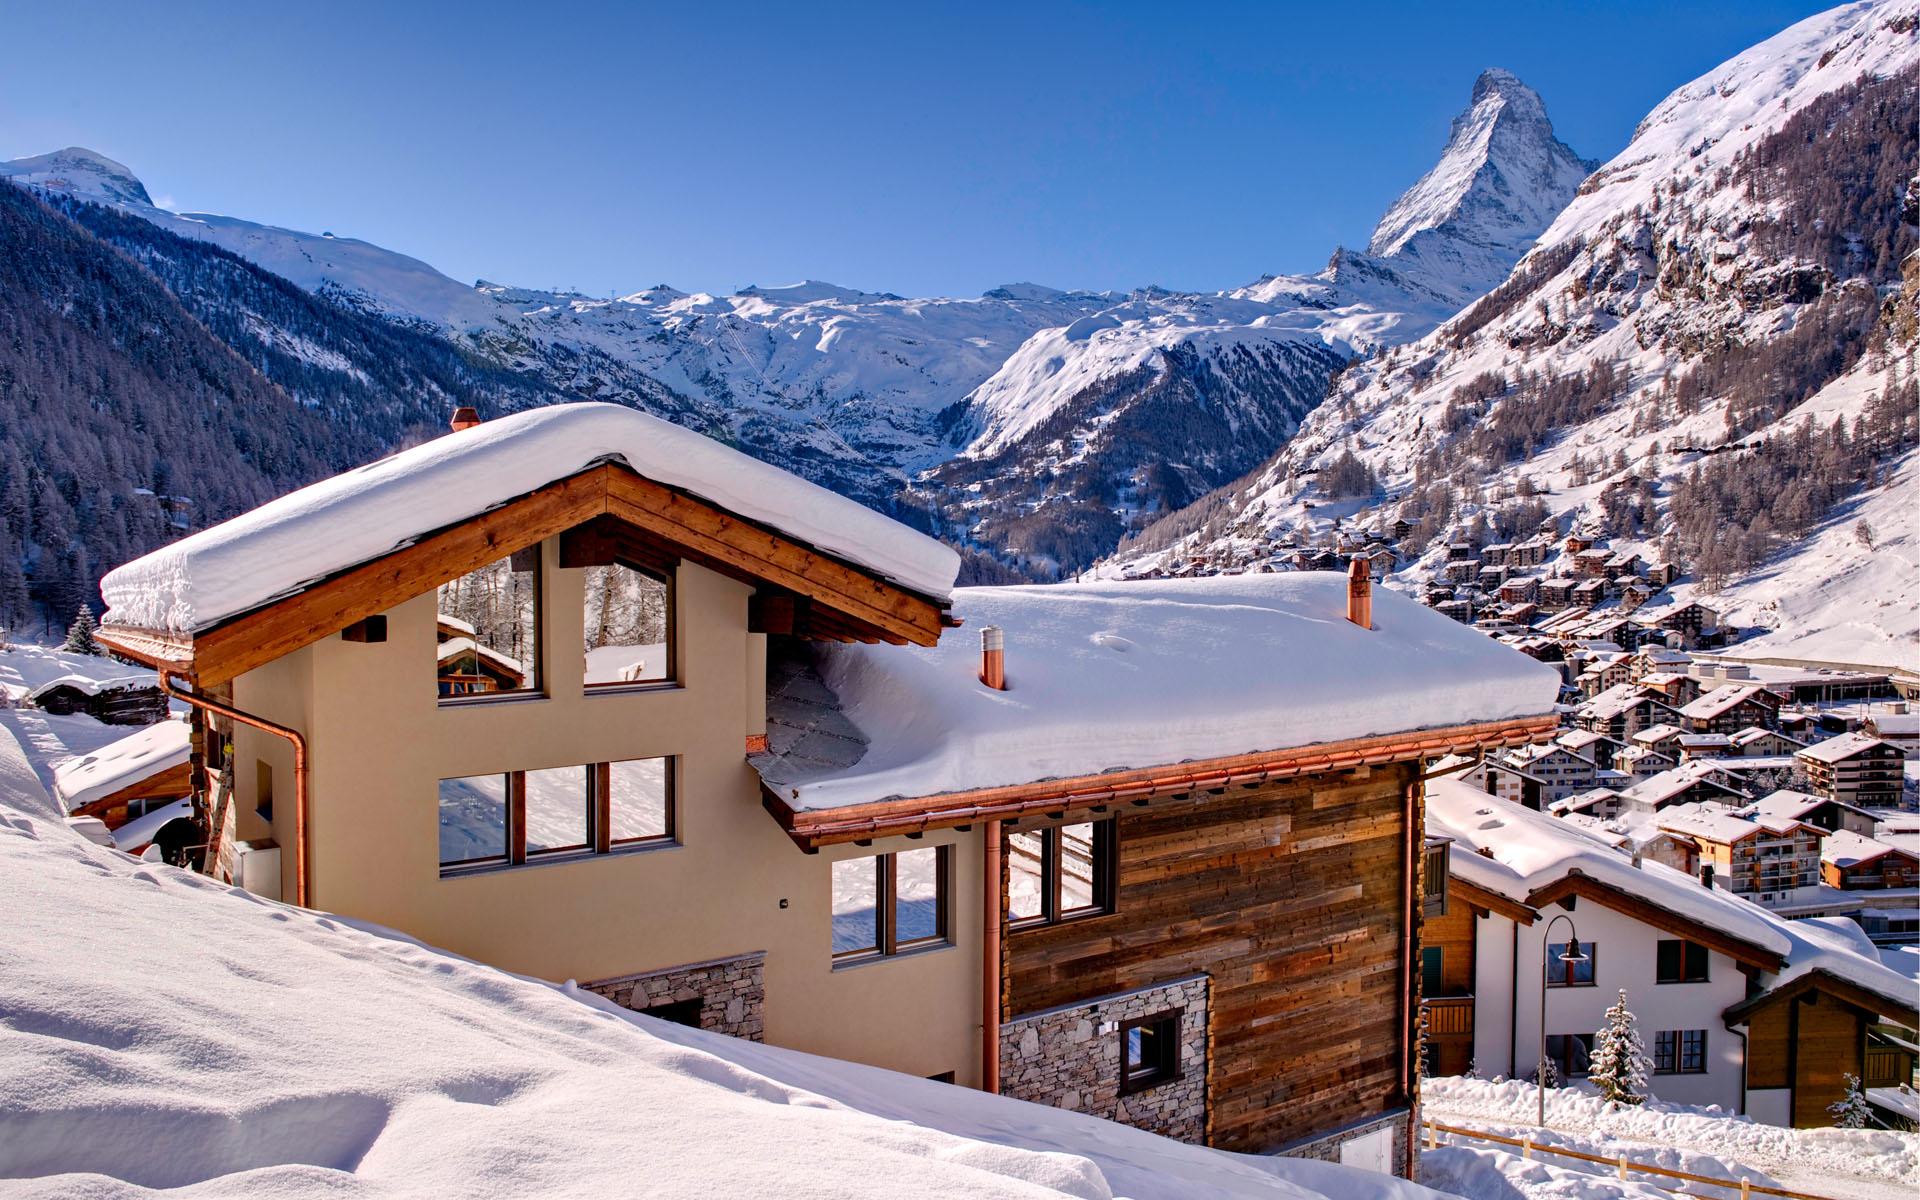 Ski Chalet in Zermatt with Matterhorn in the background